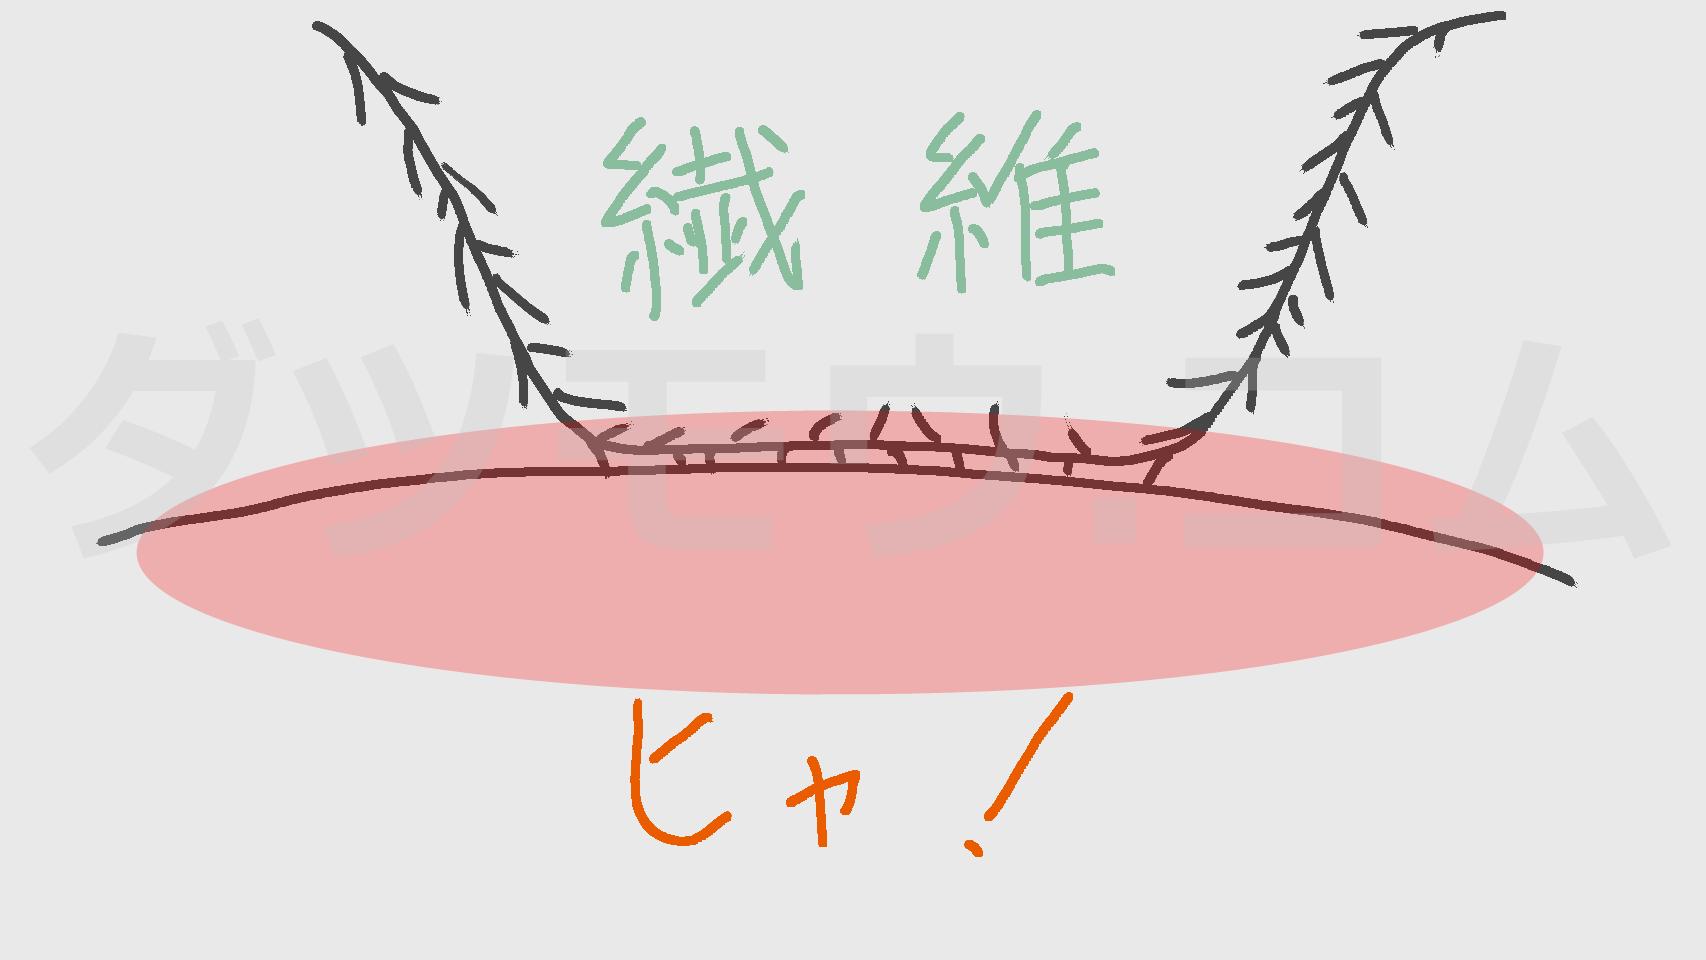 vio周辺と繊維の摩擦の説明図